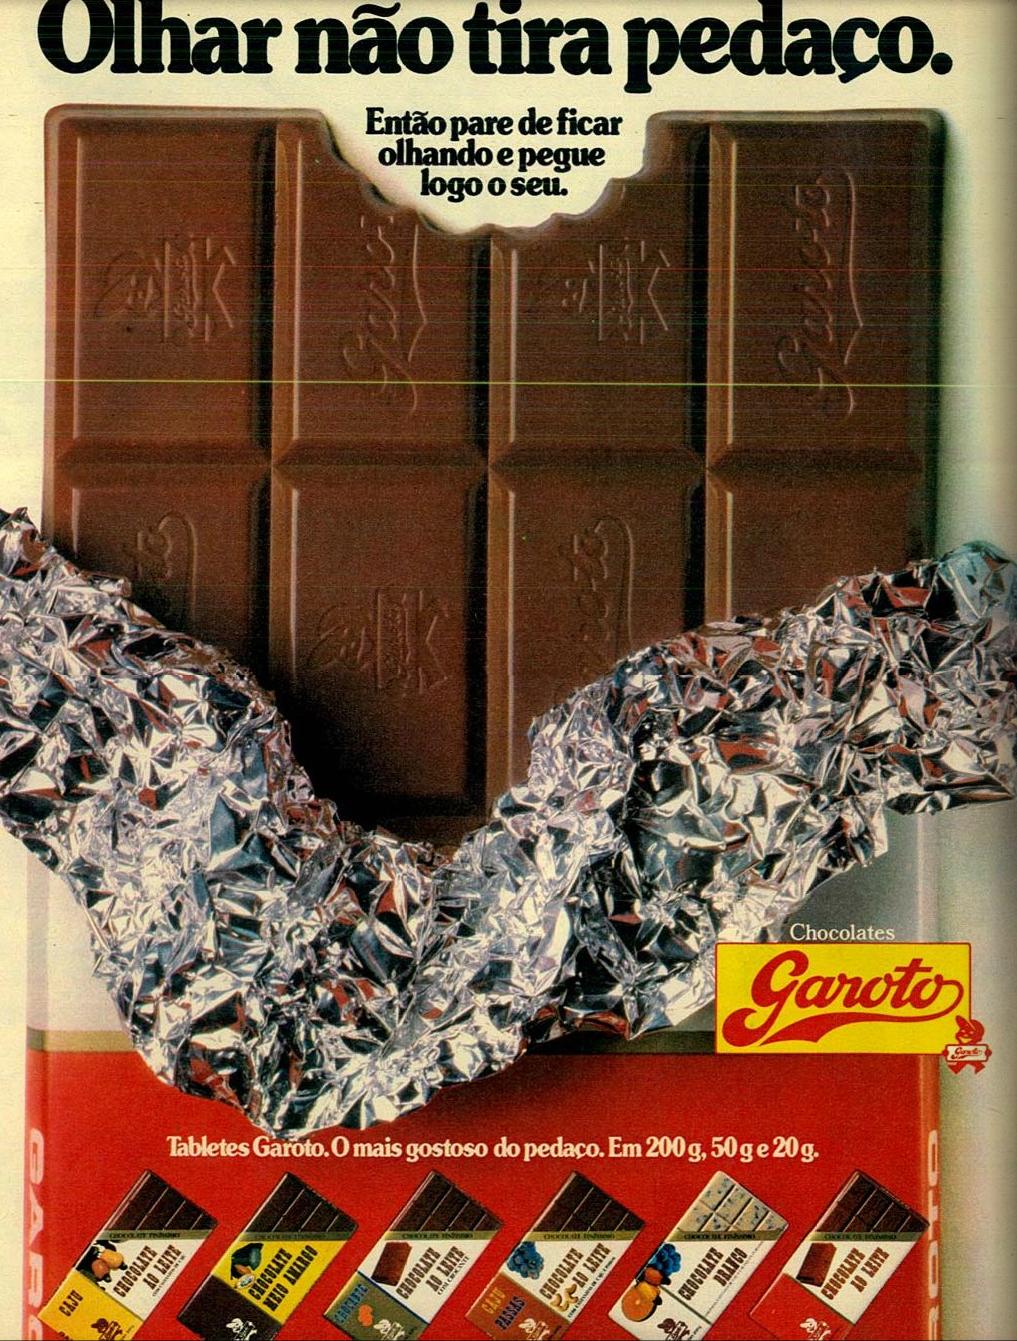 Campanha veiculada em 1987 para promover a linha de chocolates da Garoto